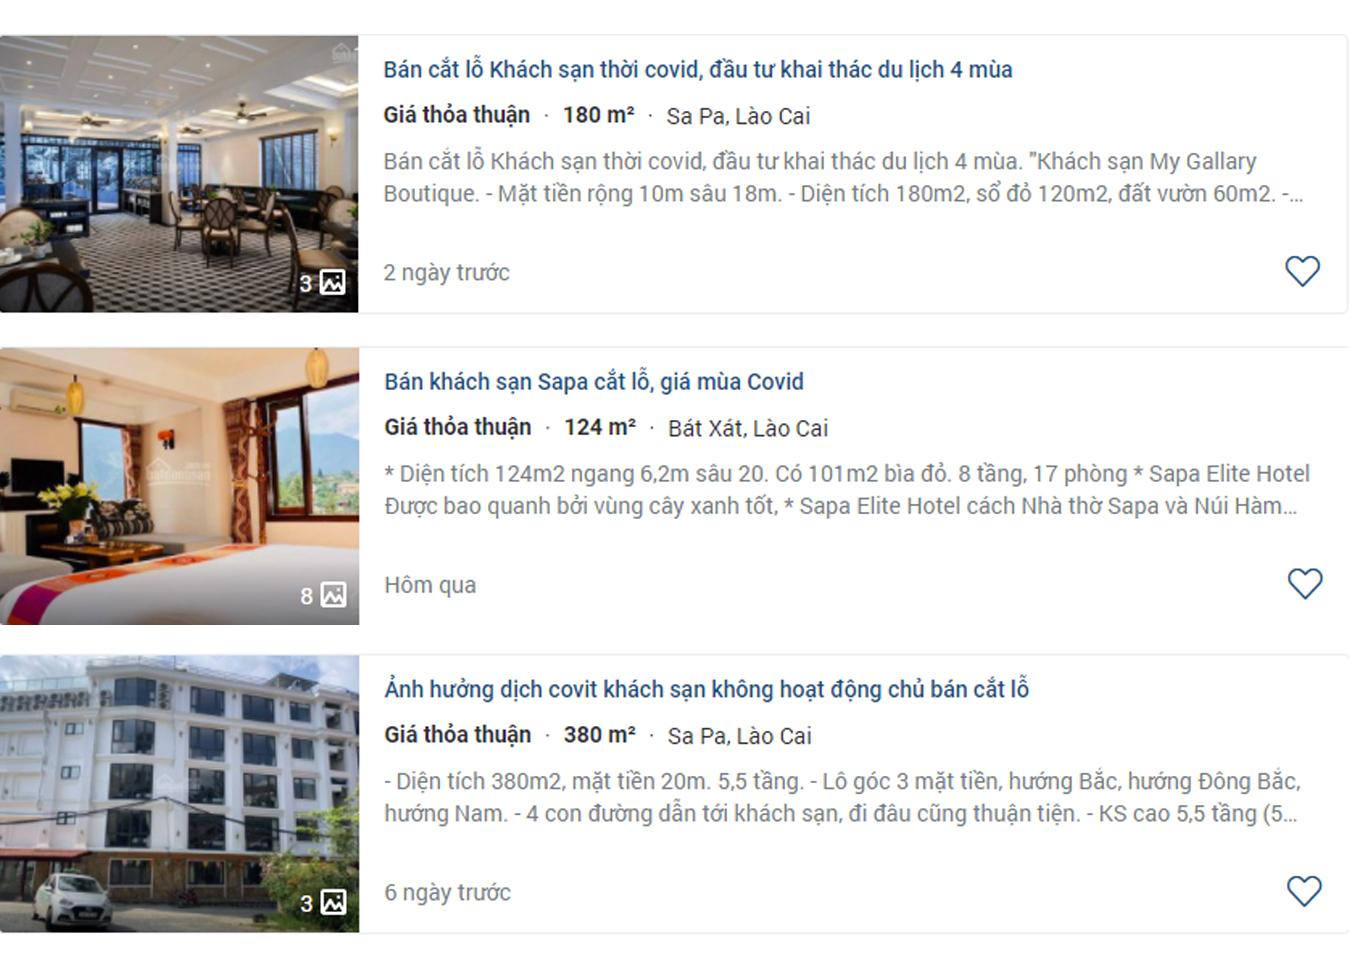 Chủ khách sạn ở Sa Pa muốn bán tháo, cắt lỗ nhanh vài tỷ đồng - Ảnh 1.